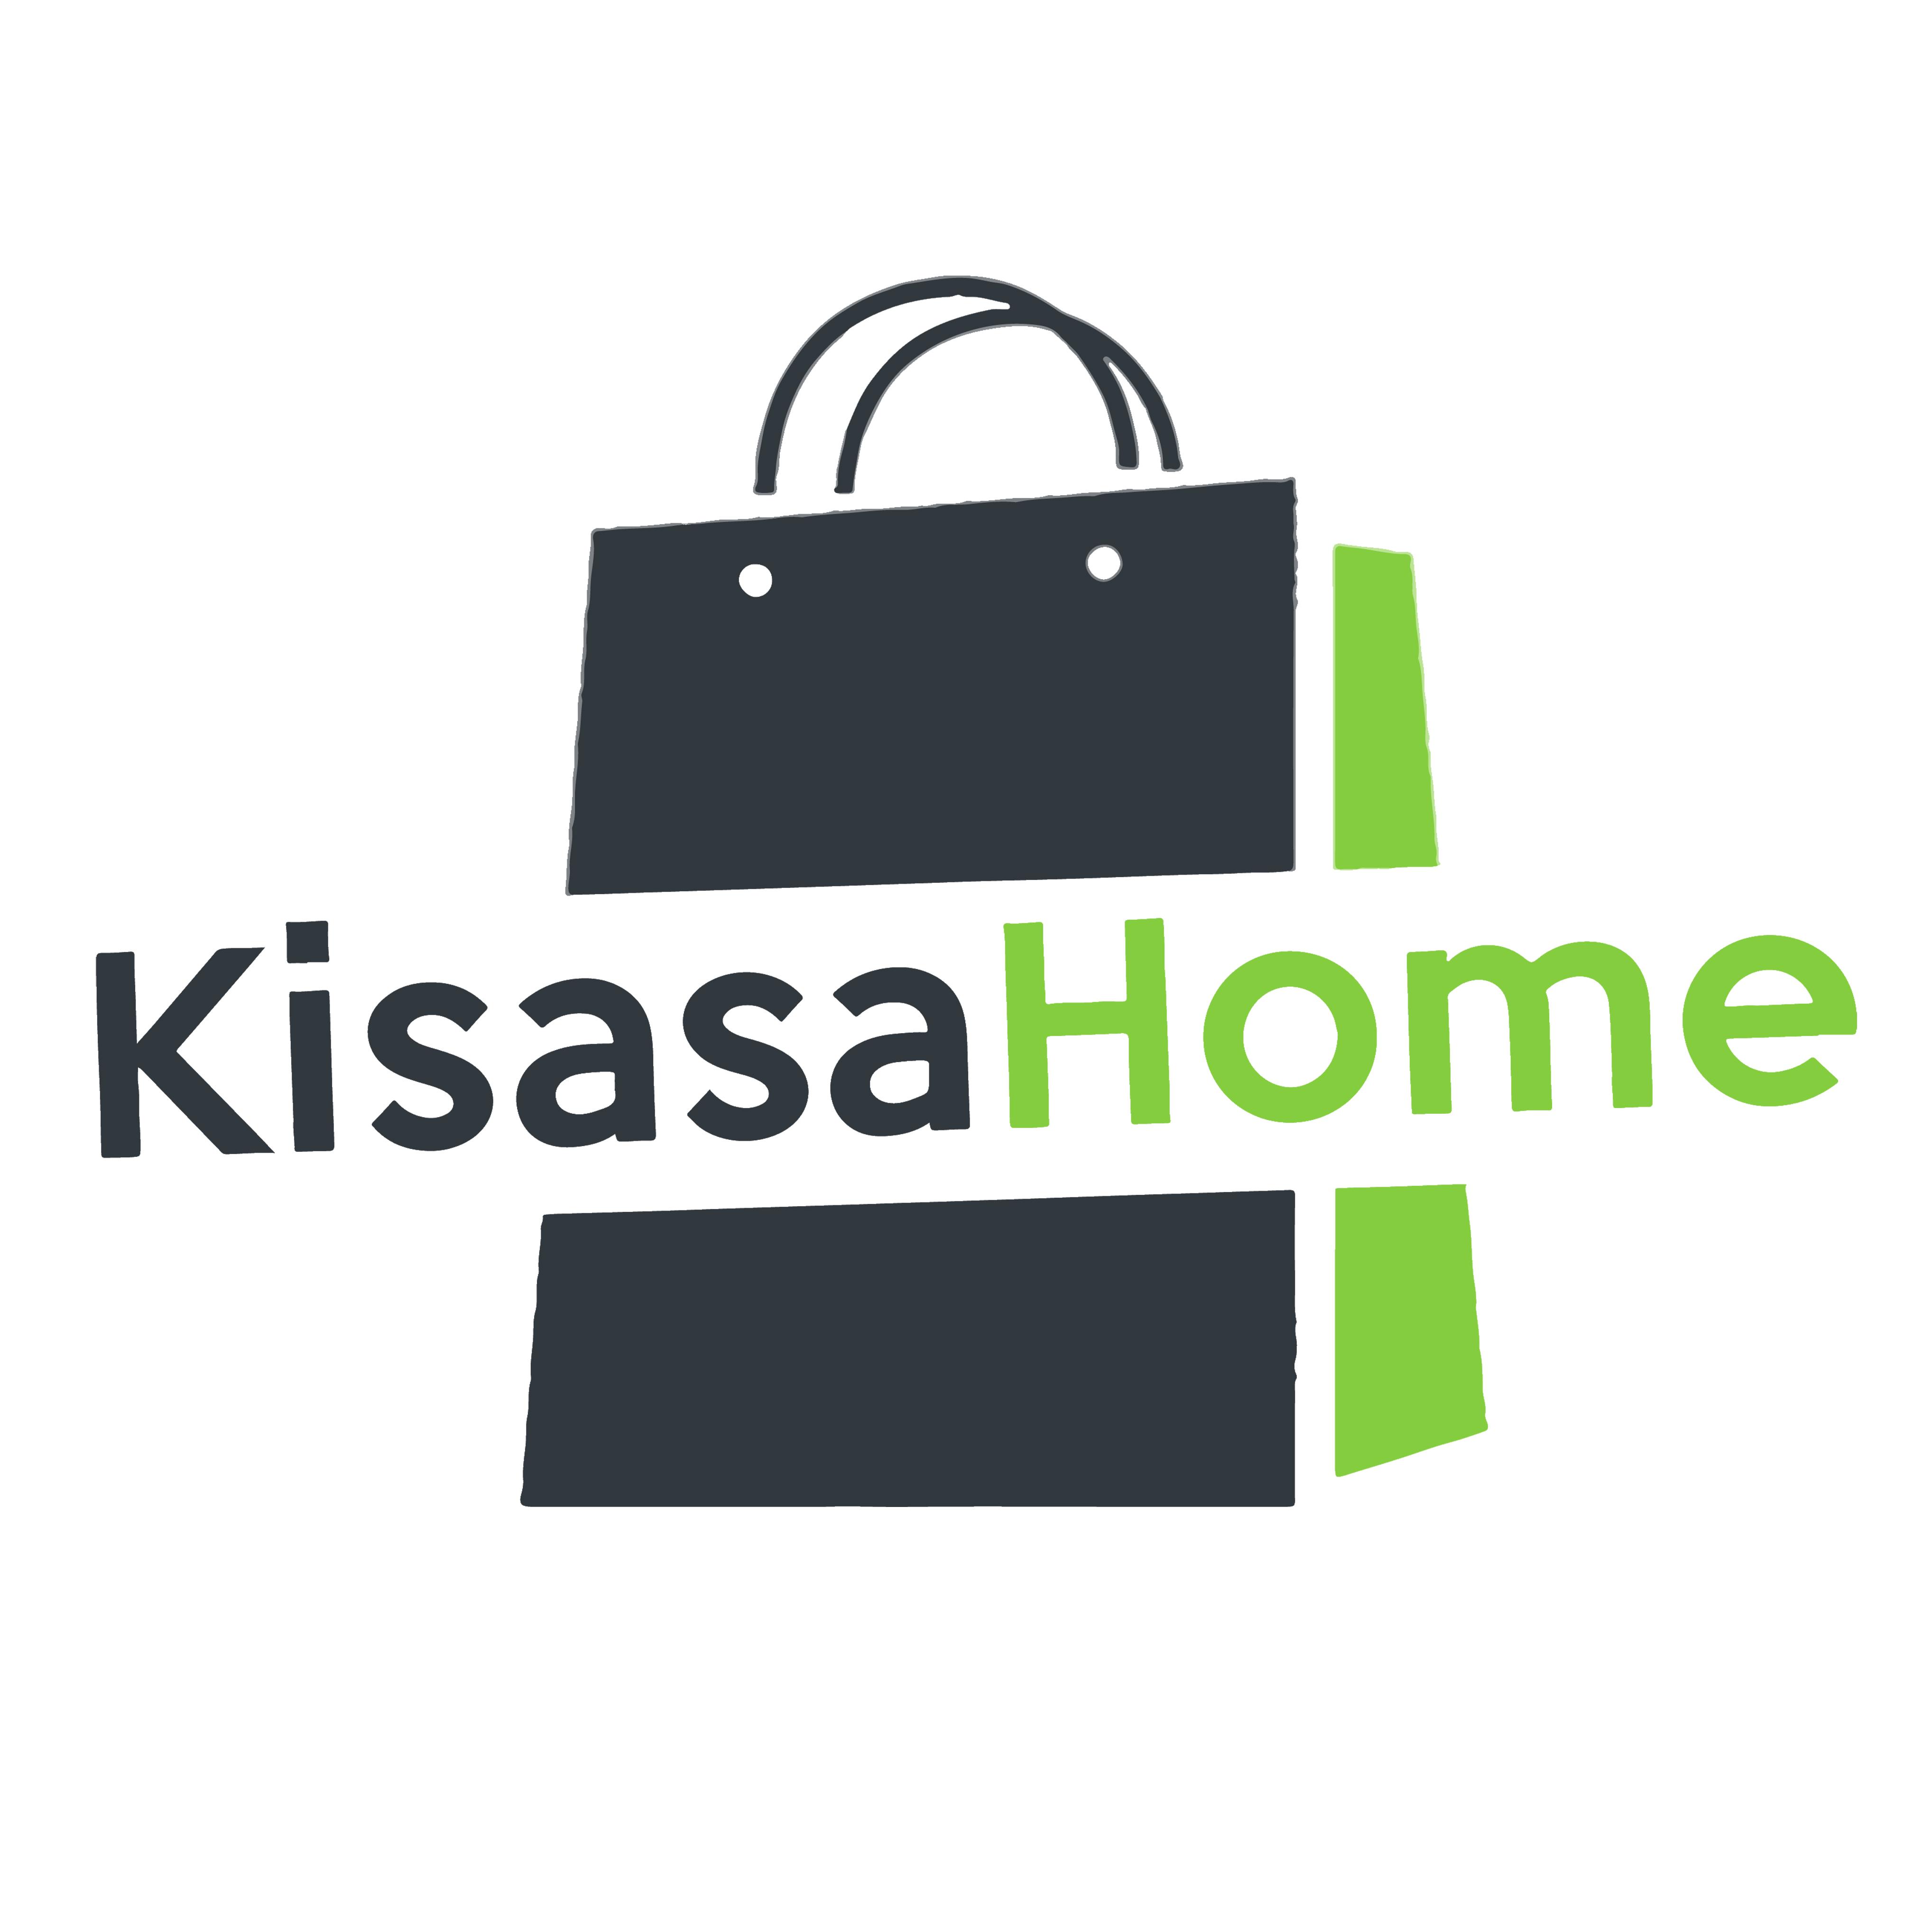 Kisasahome